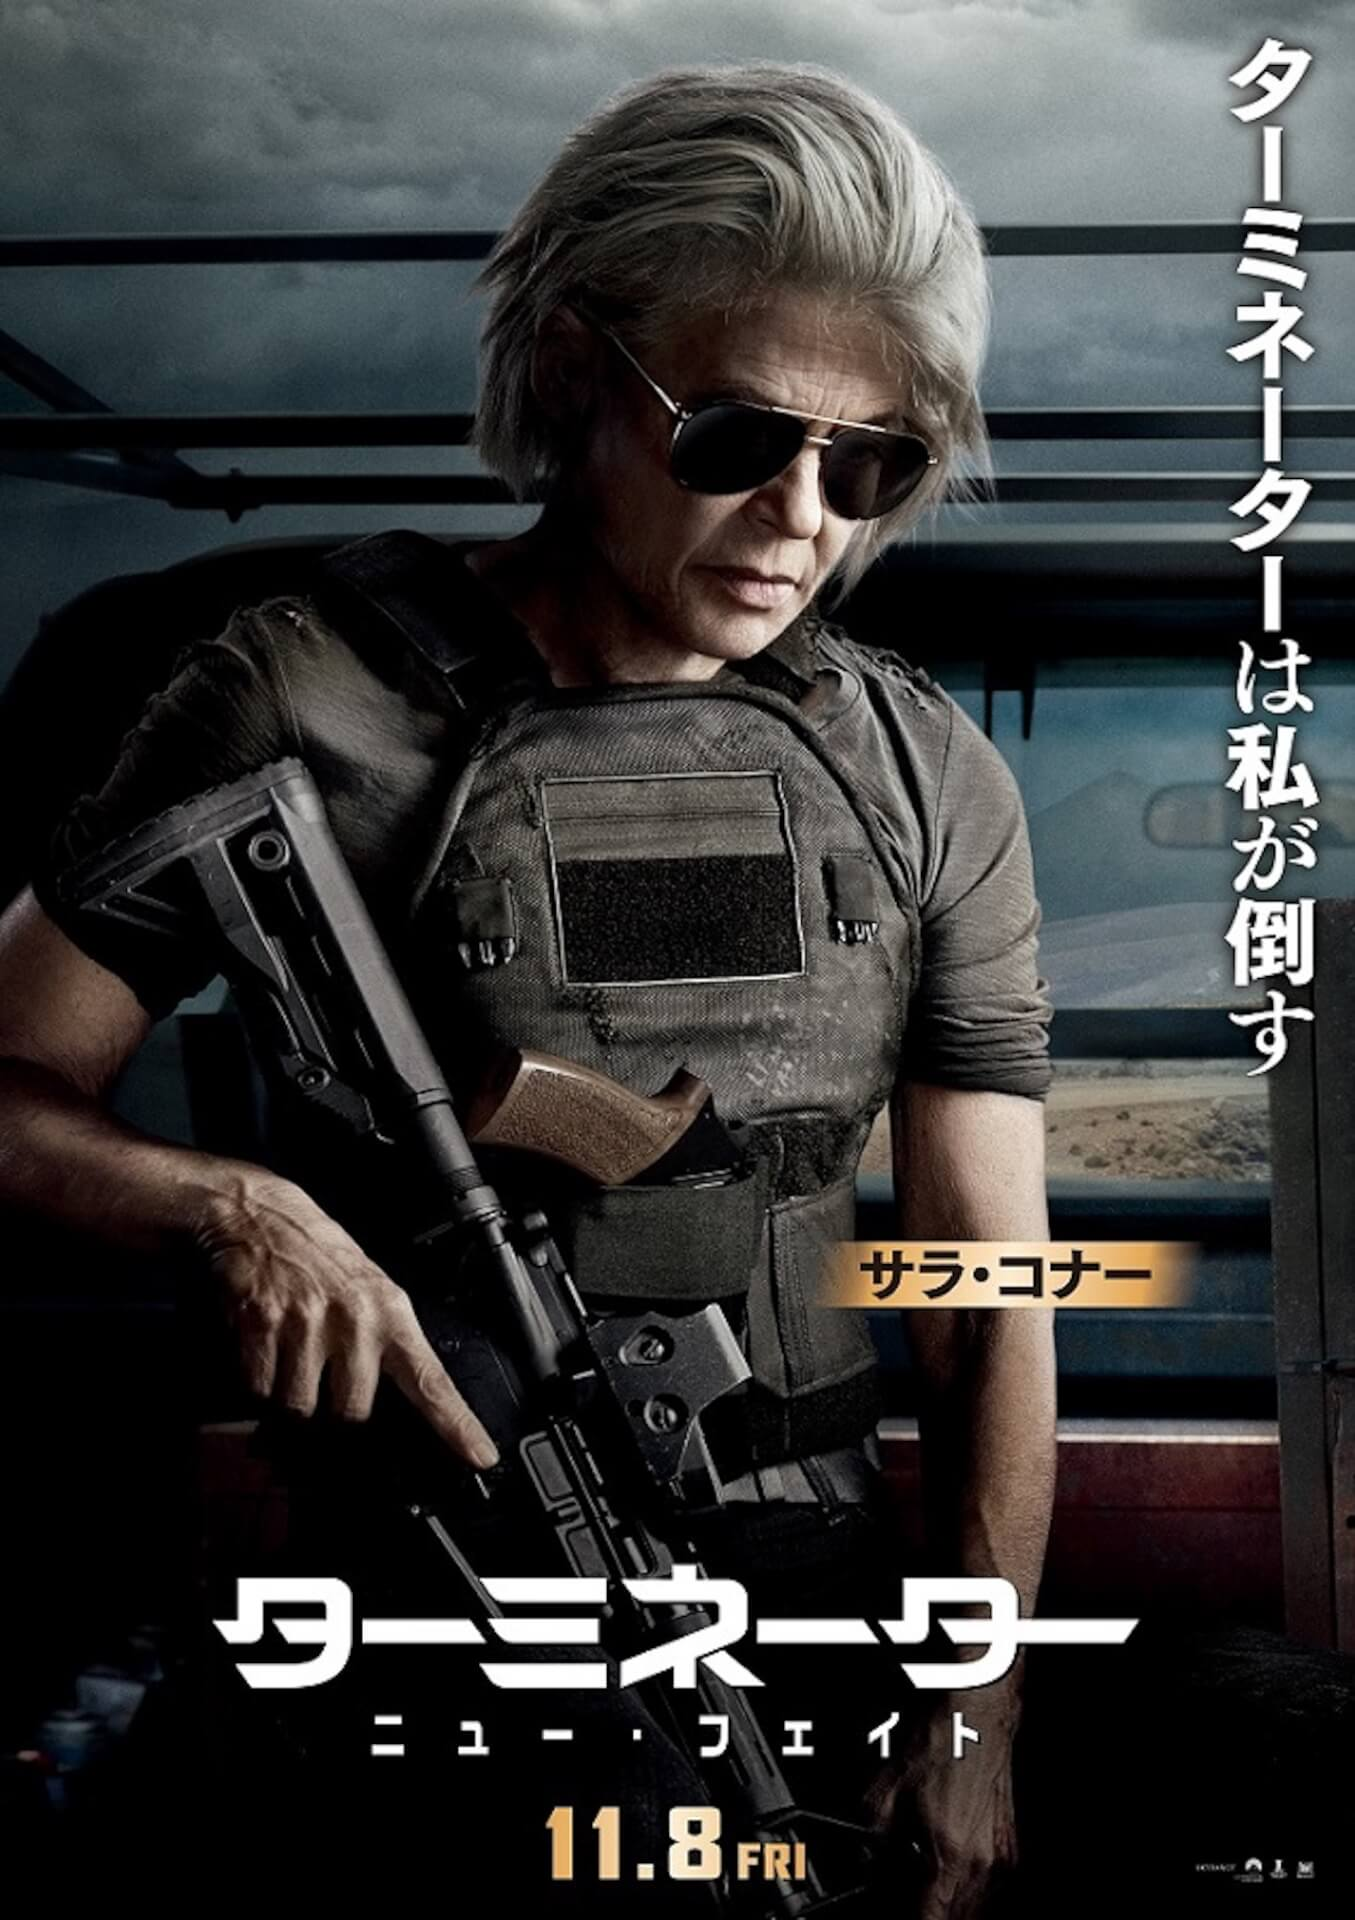 T-800ことシュワちゃんがリンダ・ハミルトンとともに日本に襲来!『ターミネーター:ニュー・フェイト』キャラ映像も解禁 5d6f2c2330373323940e2c02b27640d7